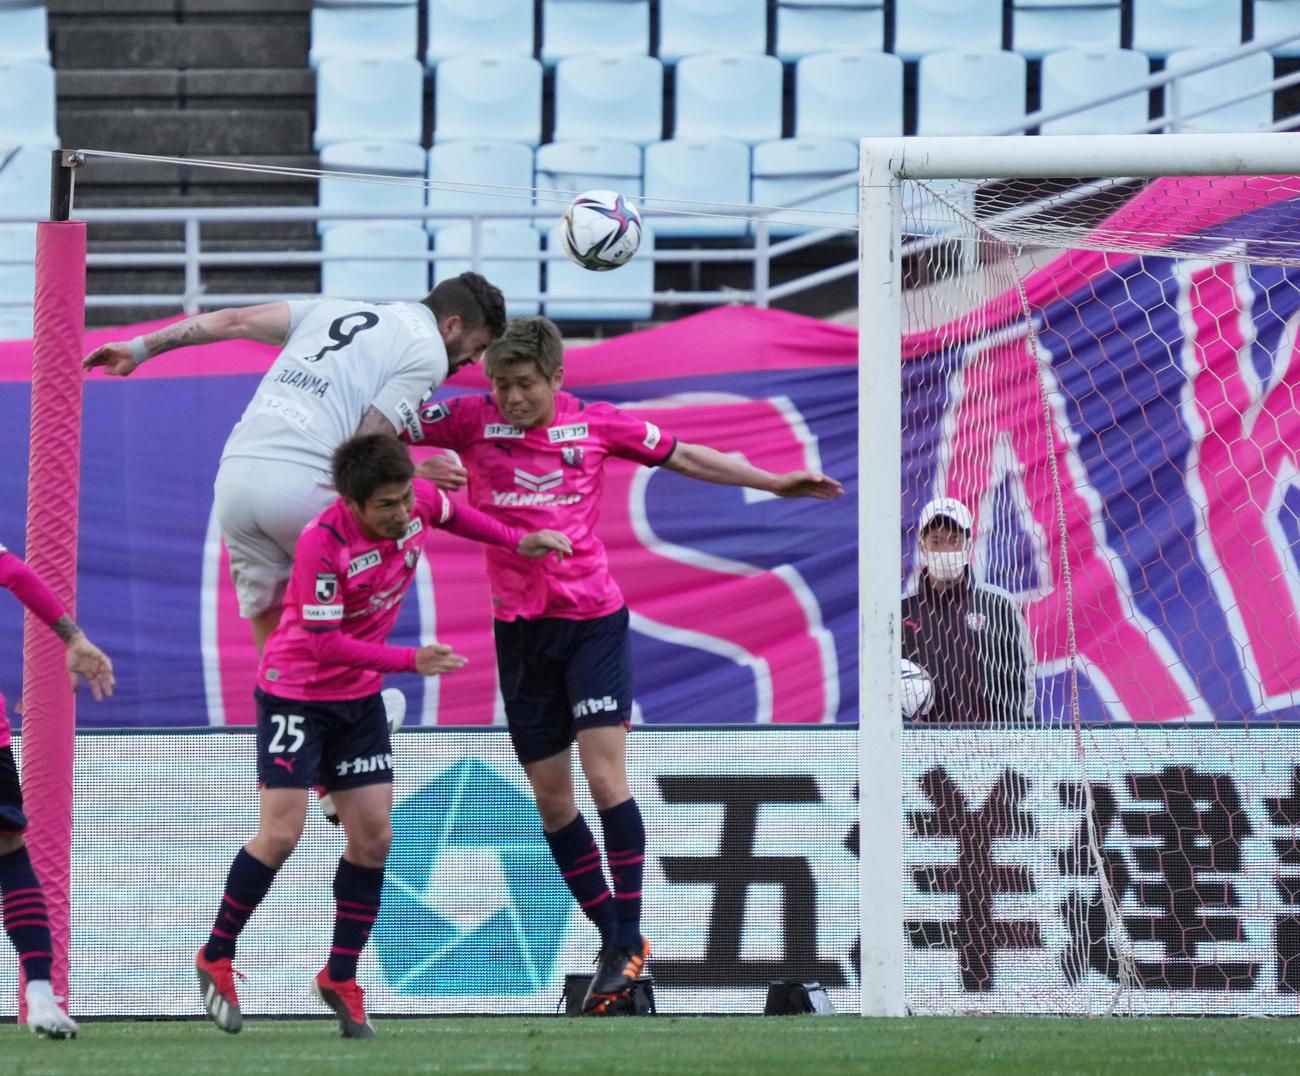 C大阪対福岡 後半43分、ヘディングで同点ゴールを決める福岡FWフアンマ・デルガド(9)(撮影・清水貴仁)